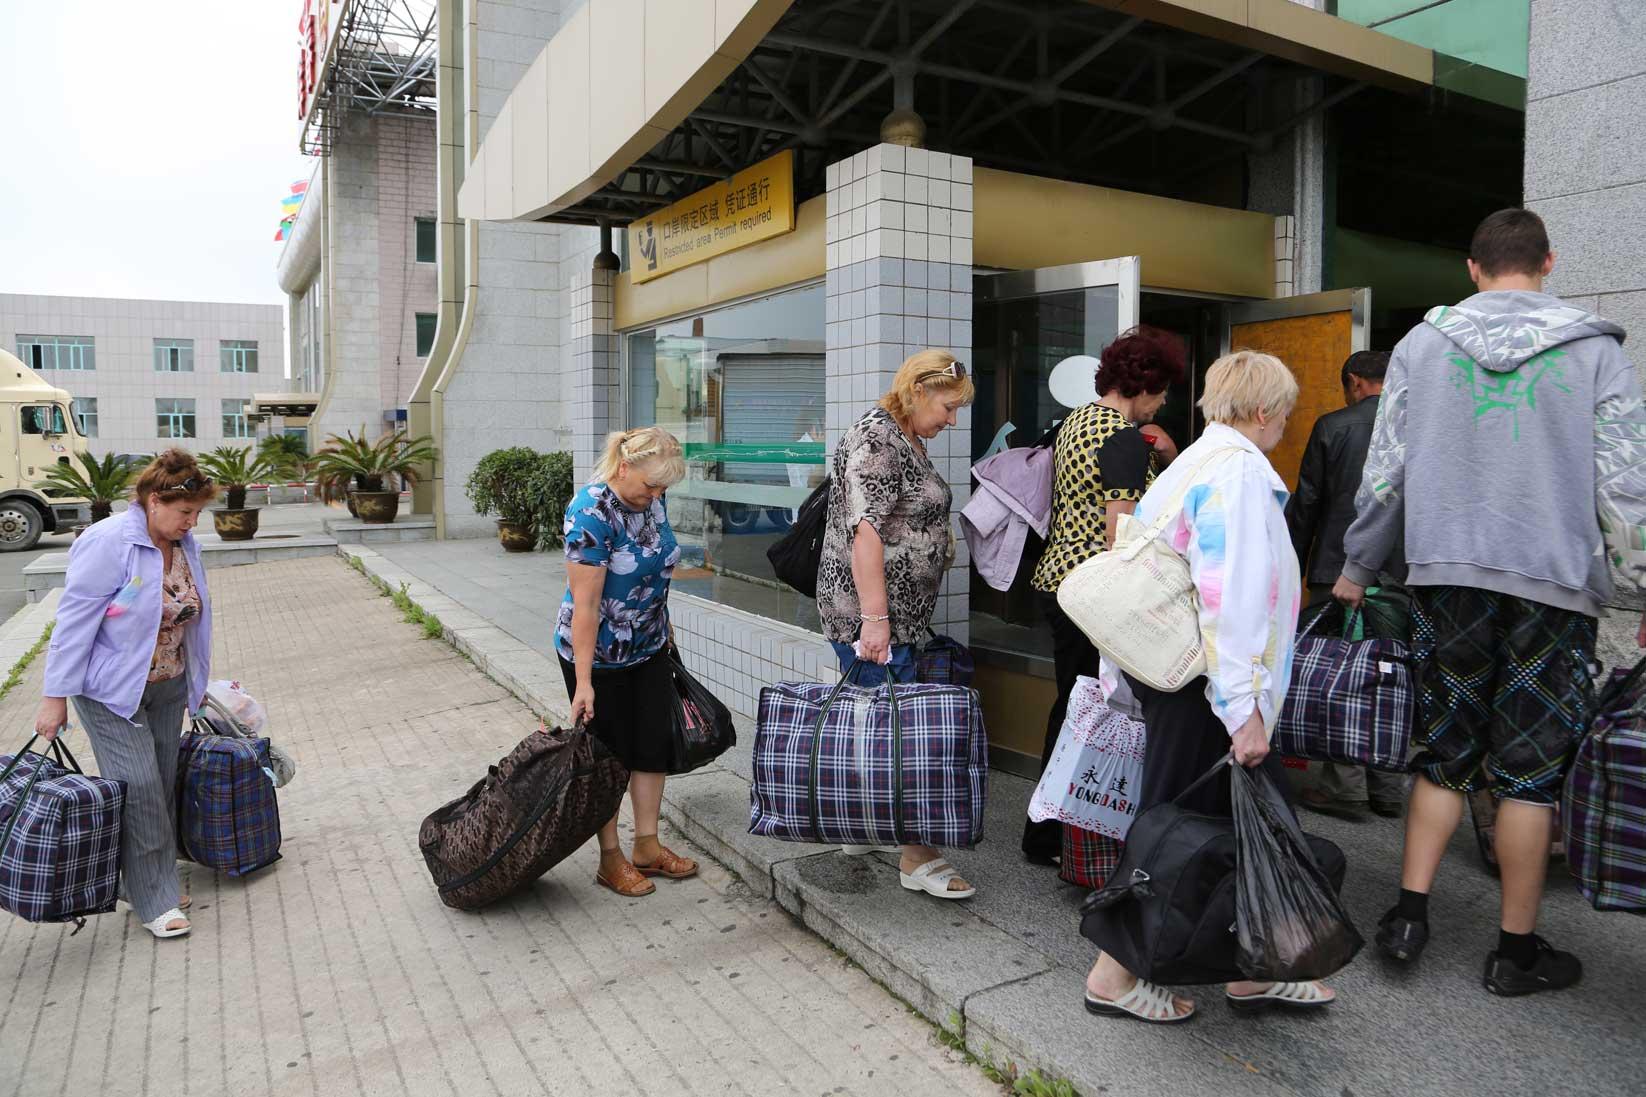 ウラジオストクで出会った人たち その1(働くおばさん・おじさん編)_b0235153_8522285.jpg